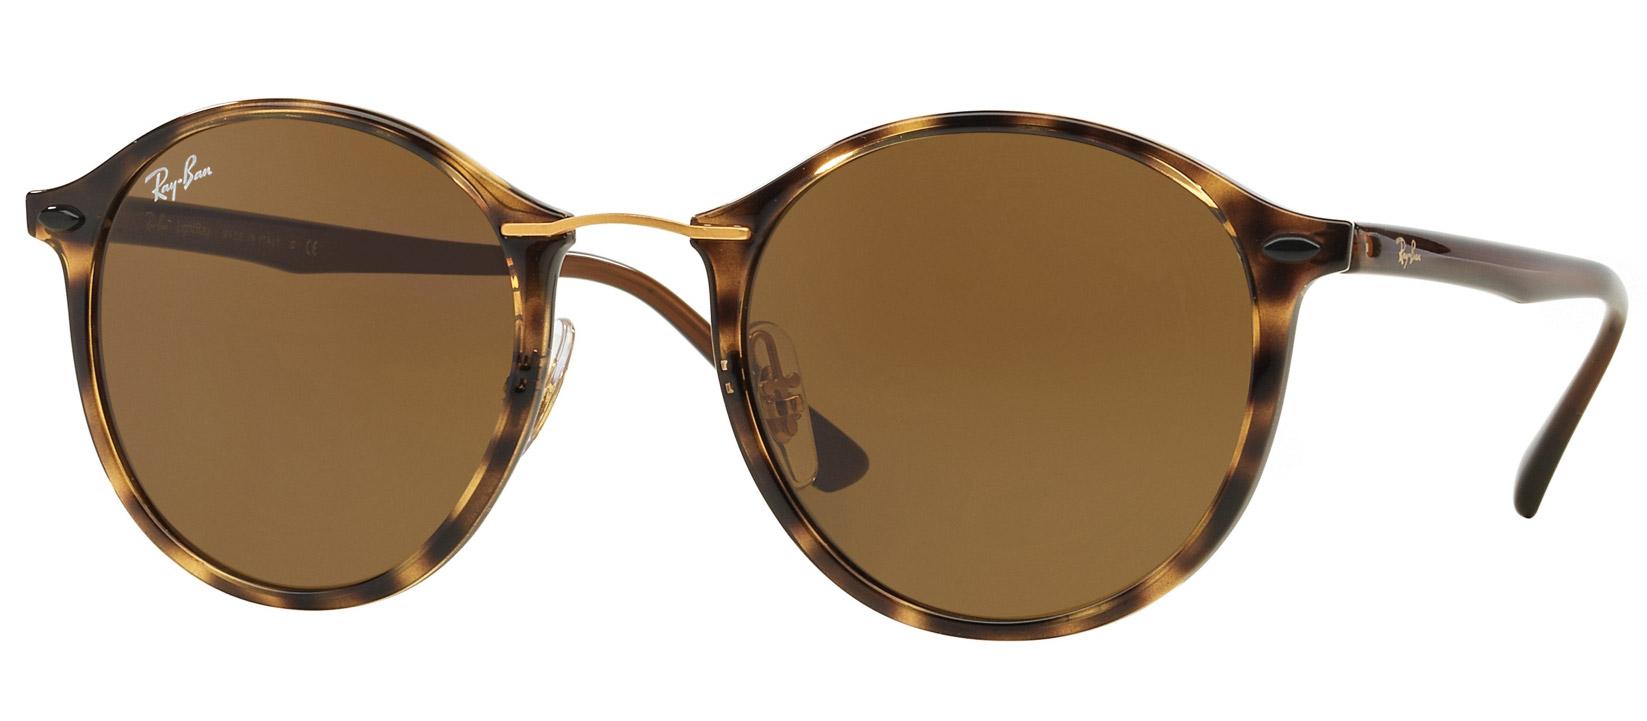 occhiali da sole ray ban 4242 ottico ticino lugano